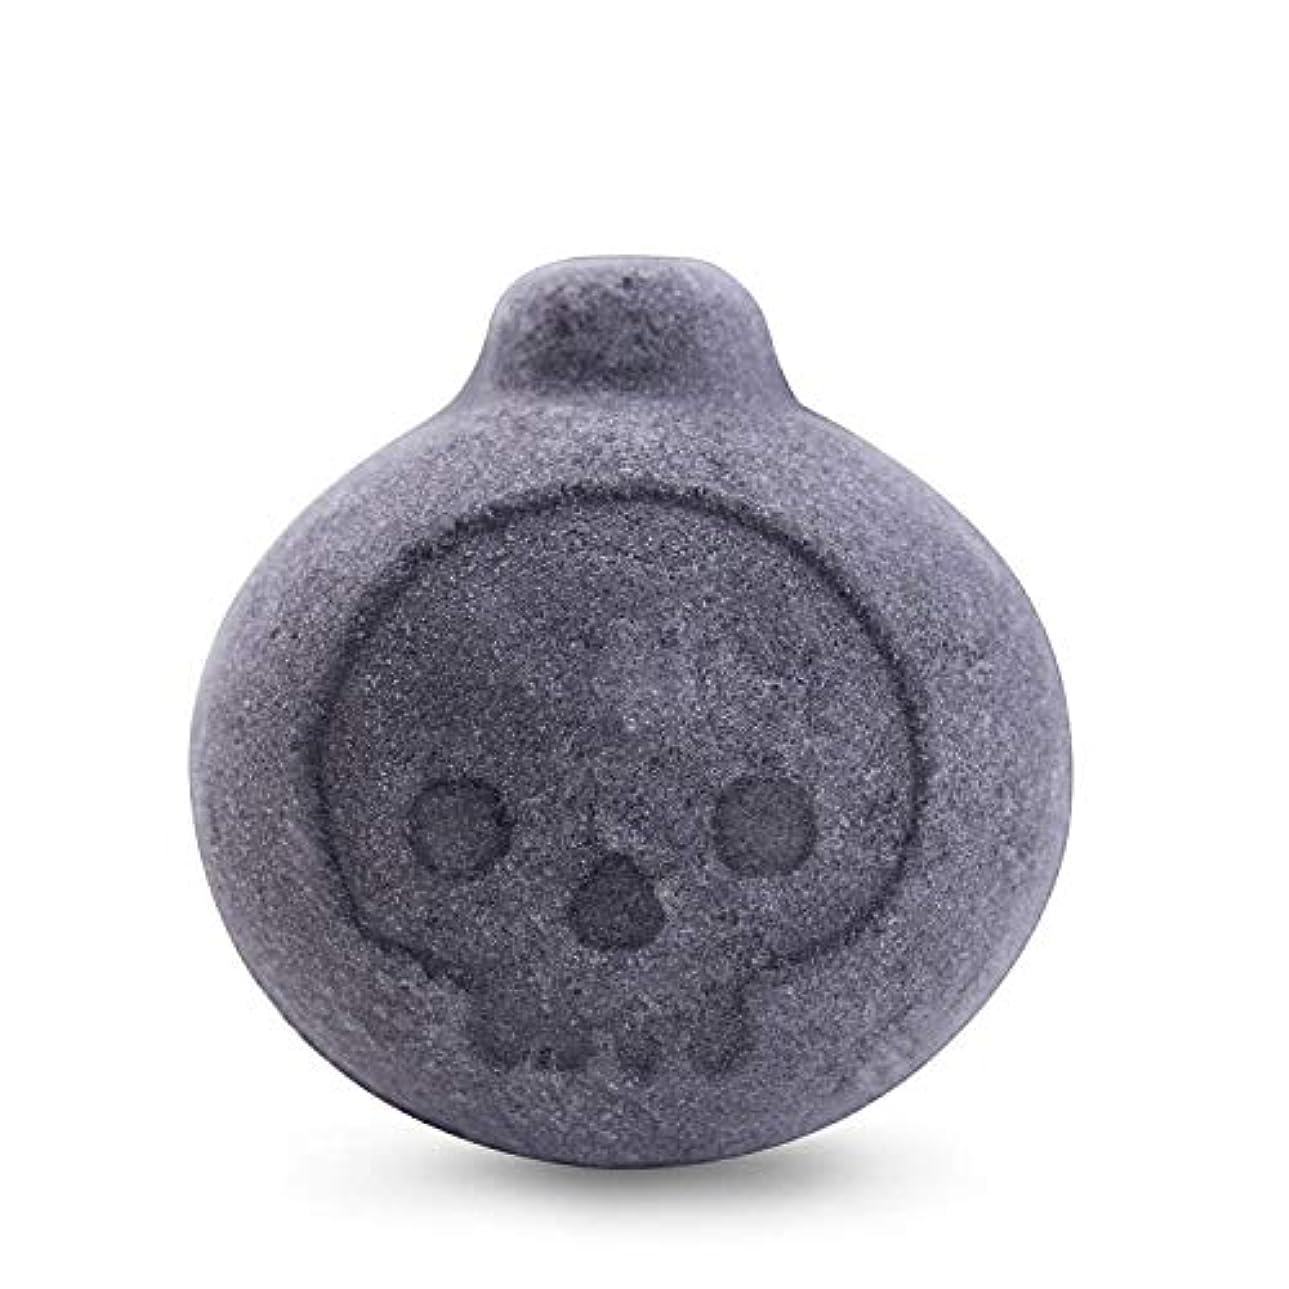 欠員見る人シンプルなDyfina ブラックバス爆弾、活性炭ィセット - バブルとスパバスに最適, 12 x 1.6 oz (爆弾)